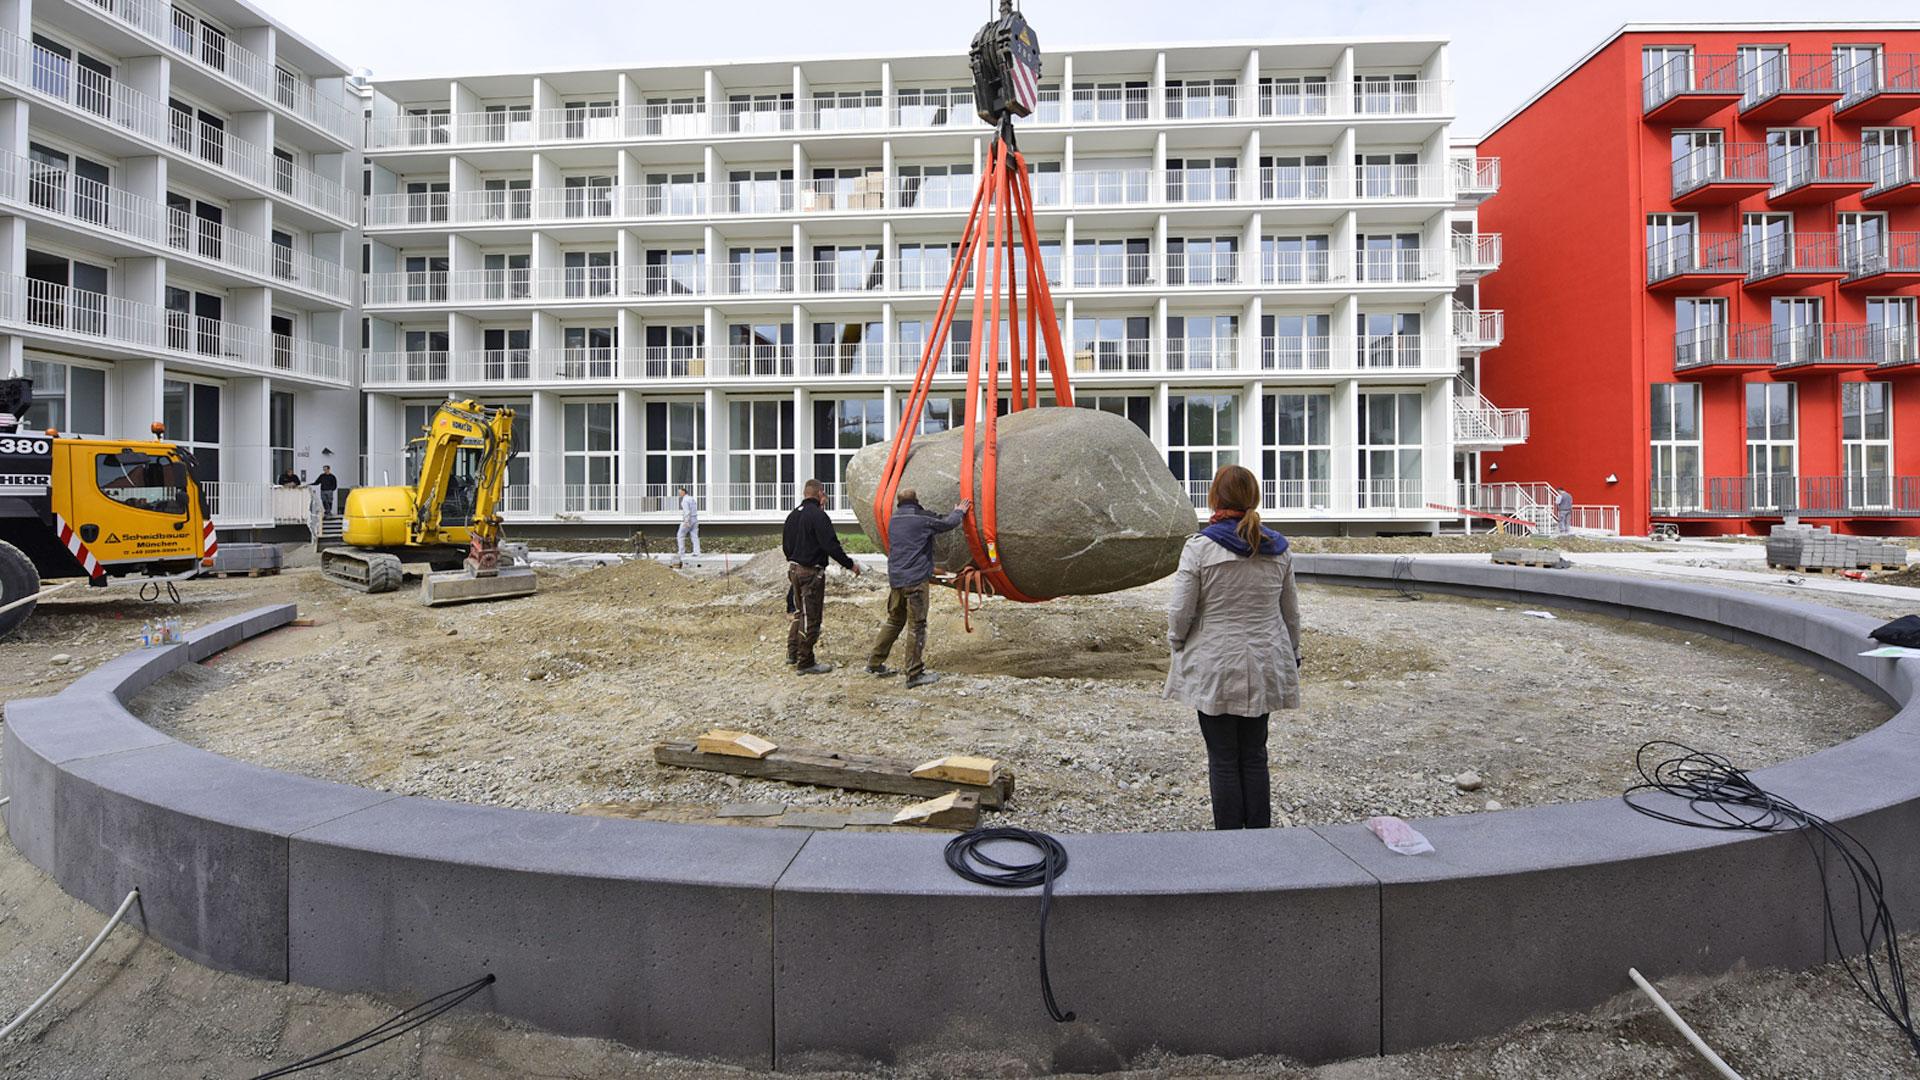 Kran und Bauarbeiter bei der Herzsteinsetzung im Gartenbereich der studiomuc Apartmenthäuser überwacht durch Barbara Jurk vom Architekturbüro atelier8